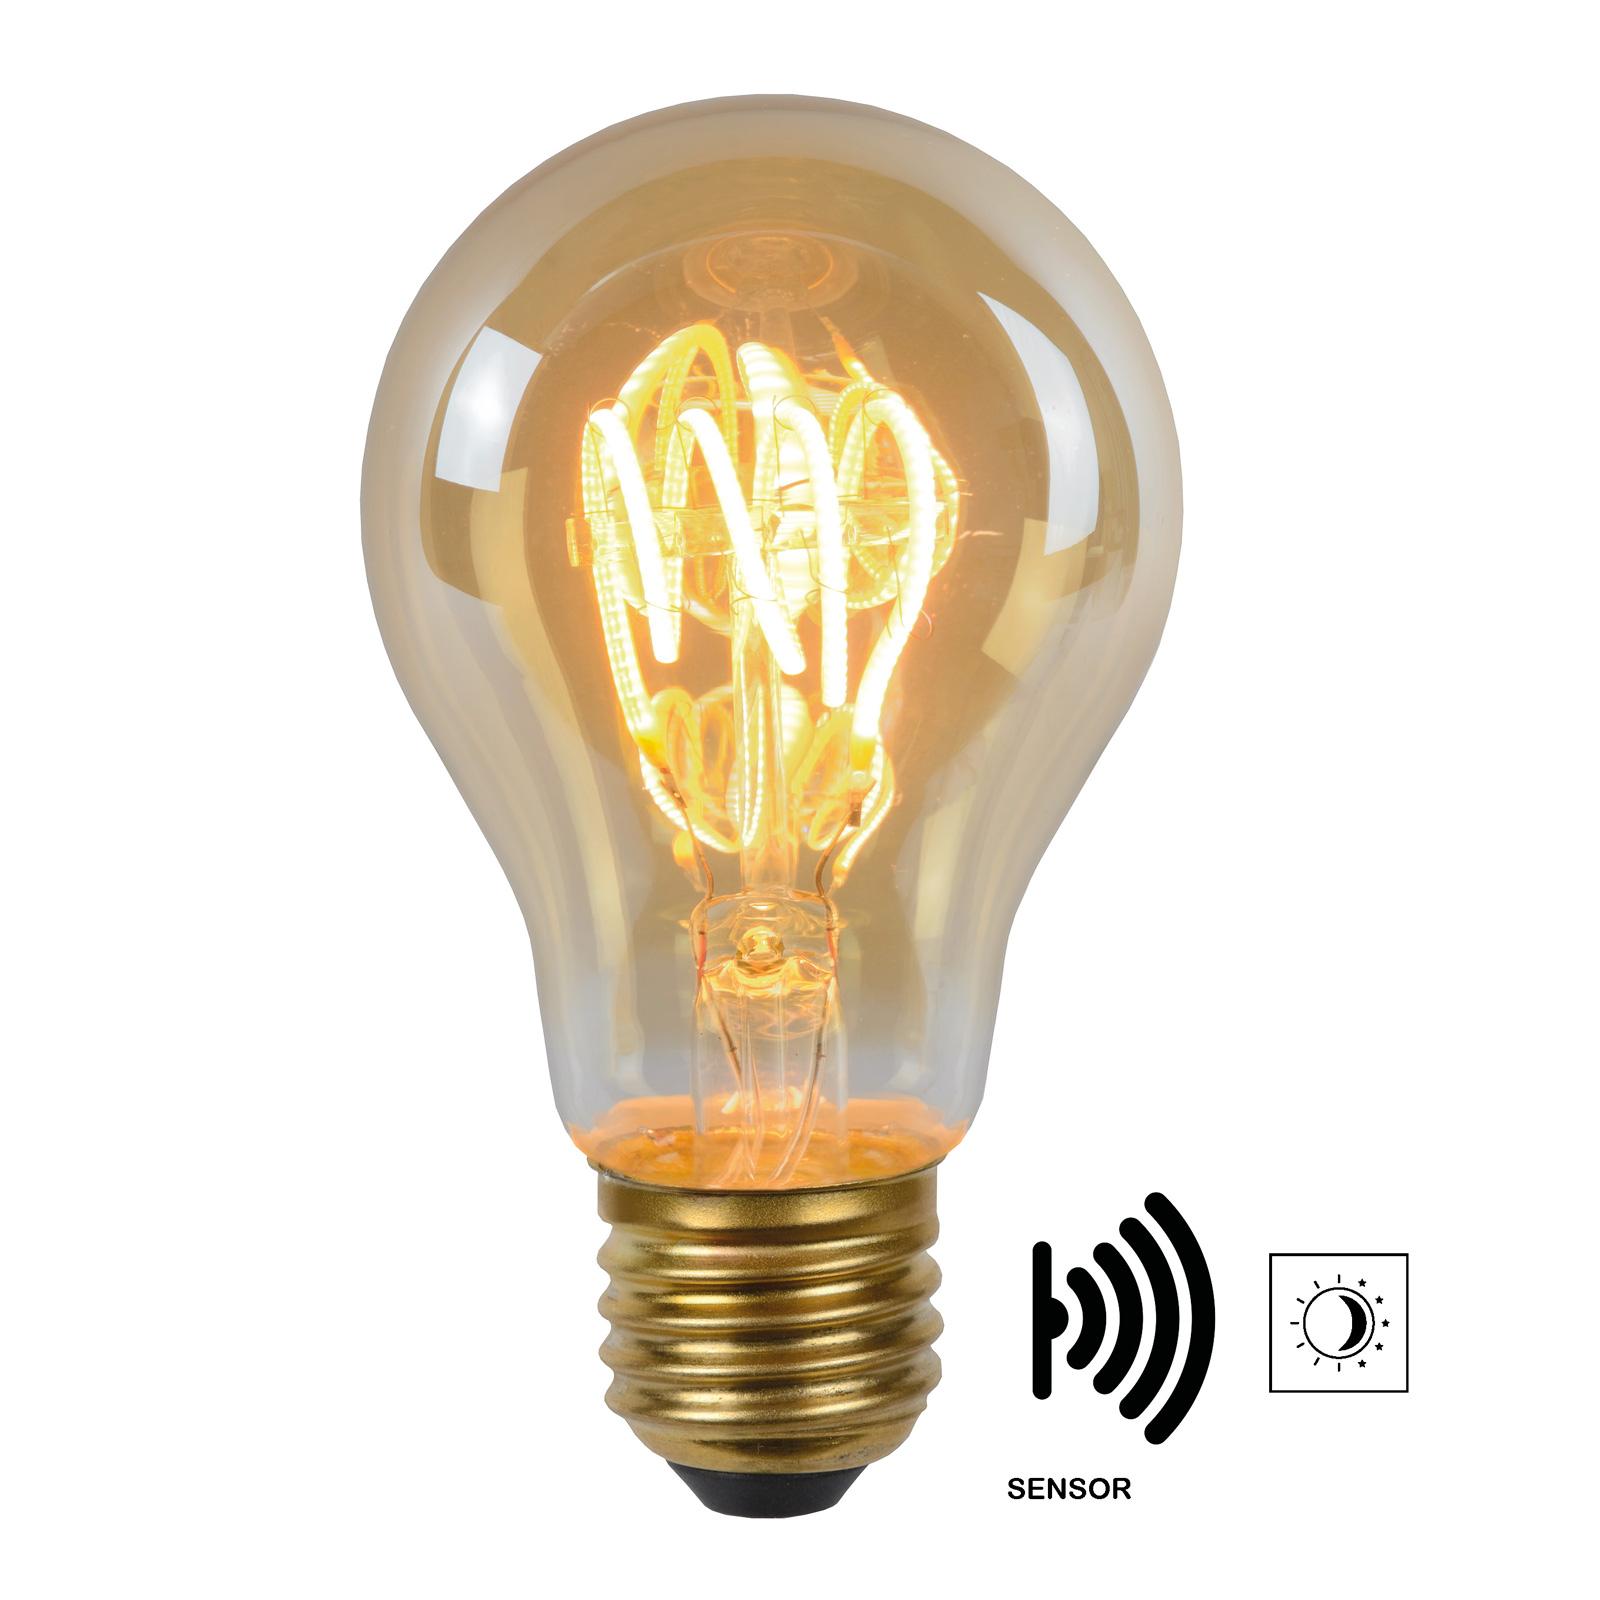 LED-lamppu E27 A60 4W 2 200 K amber, tunnistin